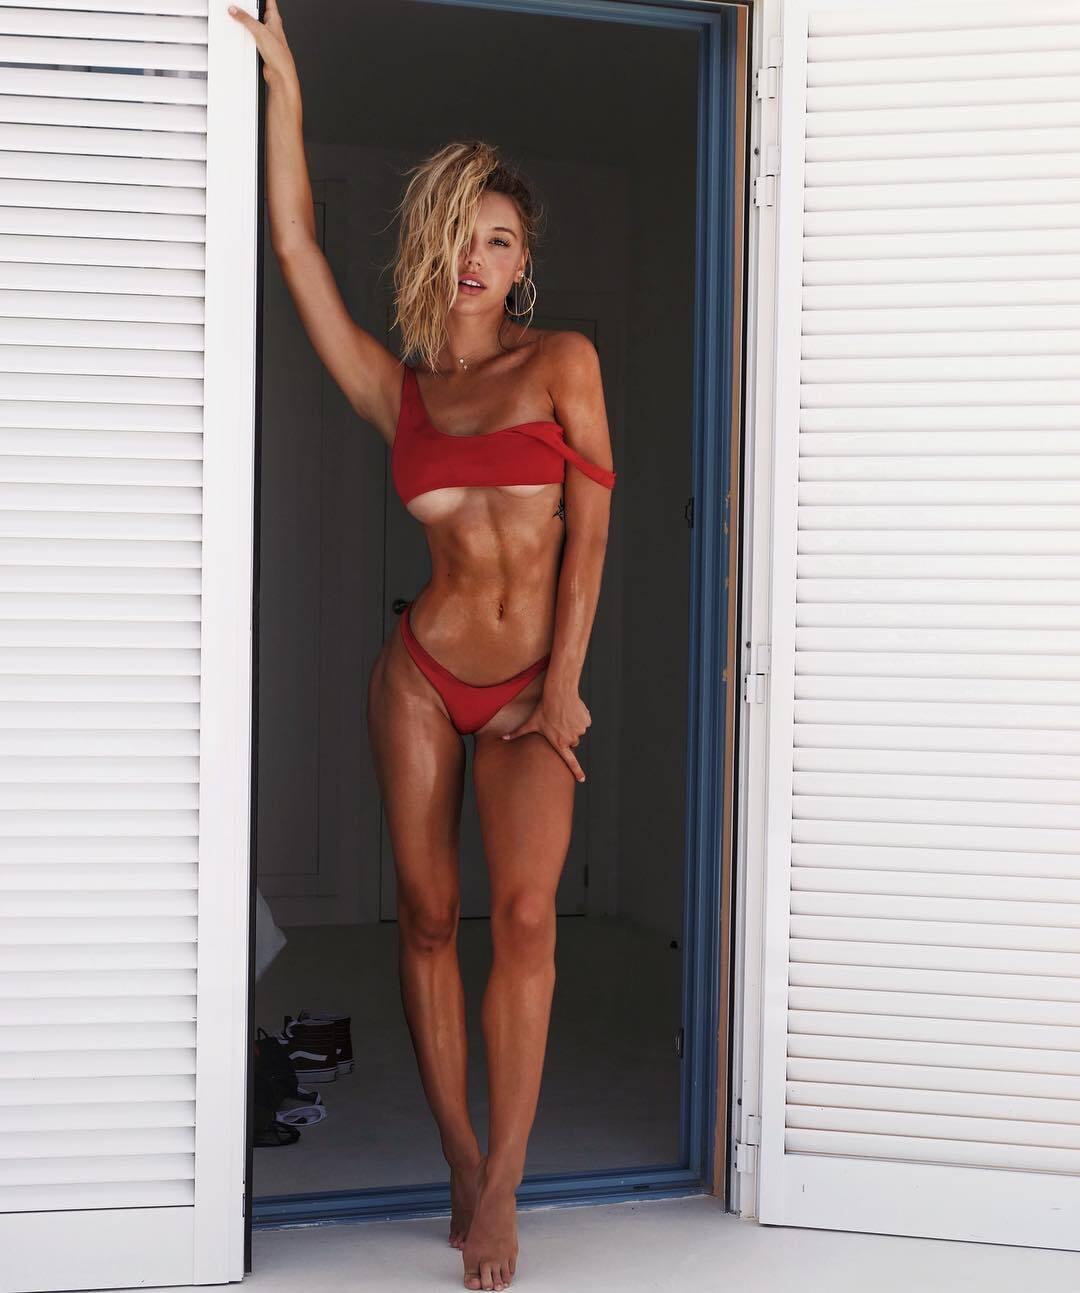 Самая популярная фитнес-модель Instagram снялась полуобнаженной для Sports Illustrated